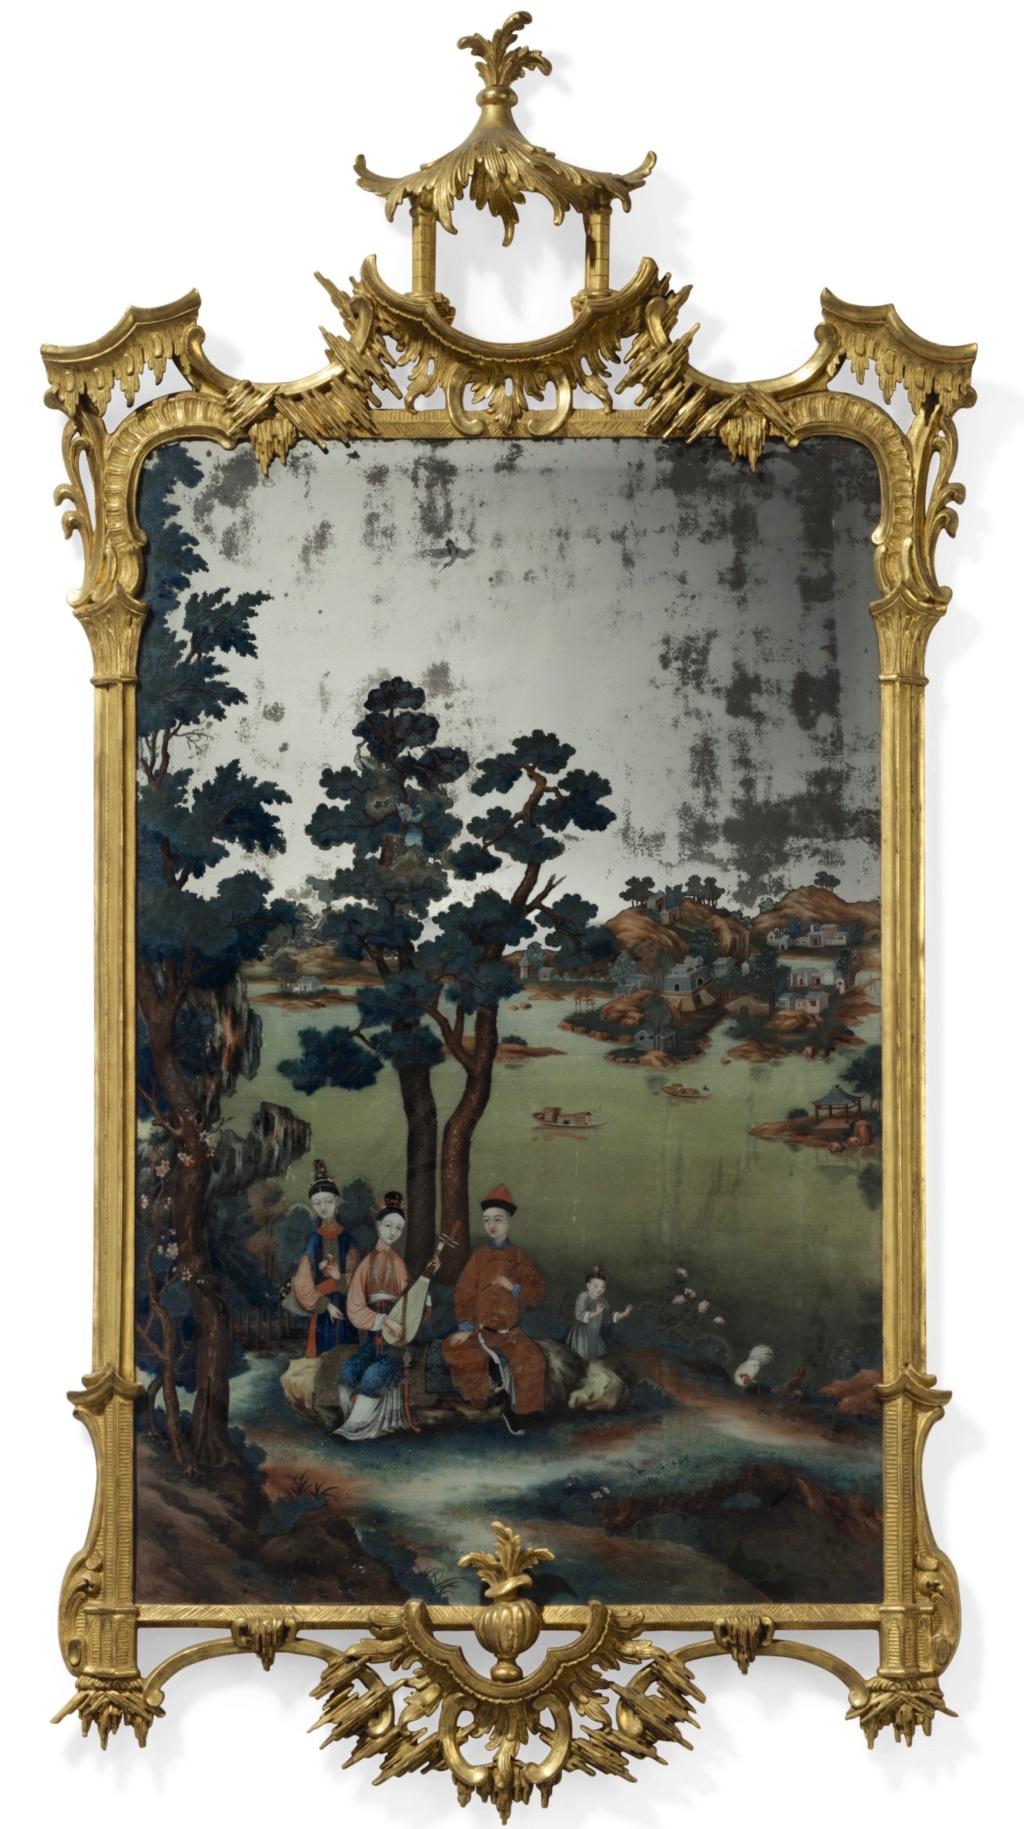 La peinture sous / sur verre chinoise au XVIIIe siècle 2018_n28